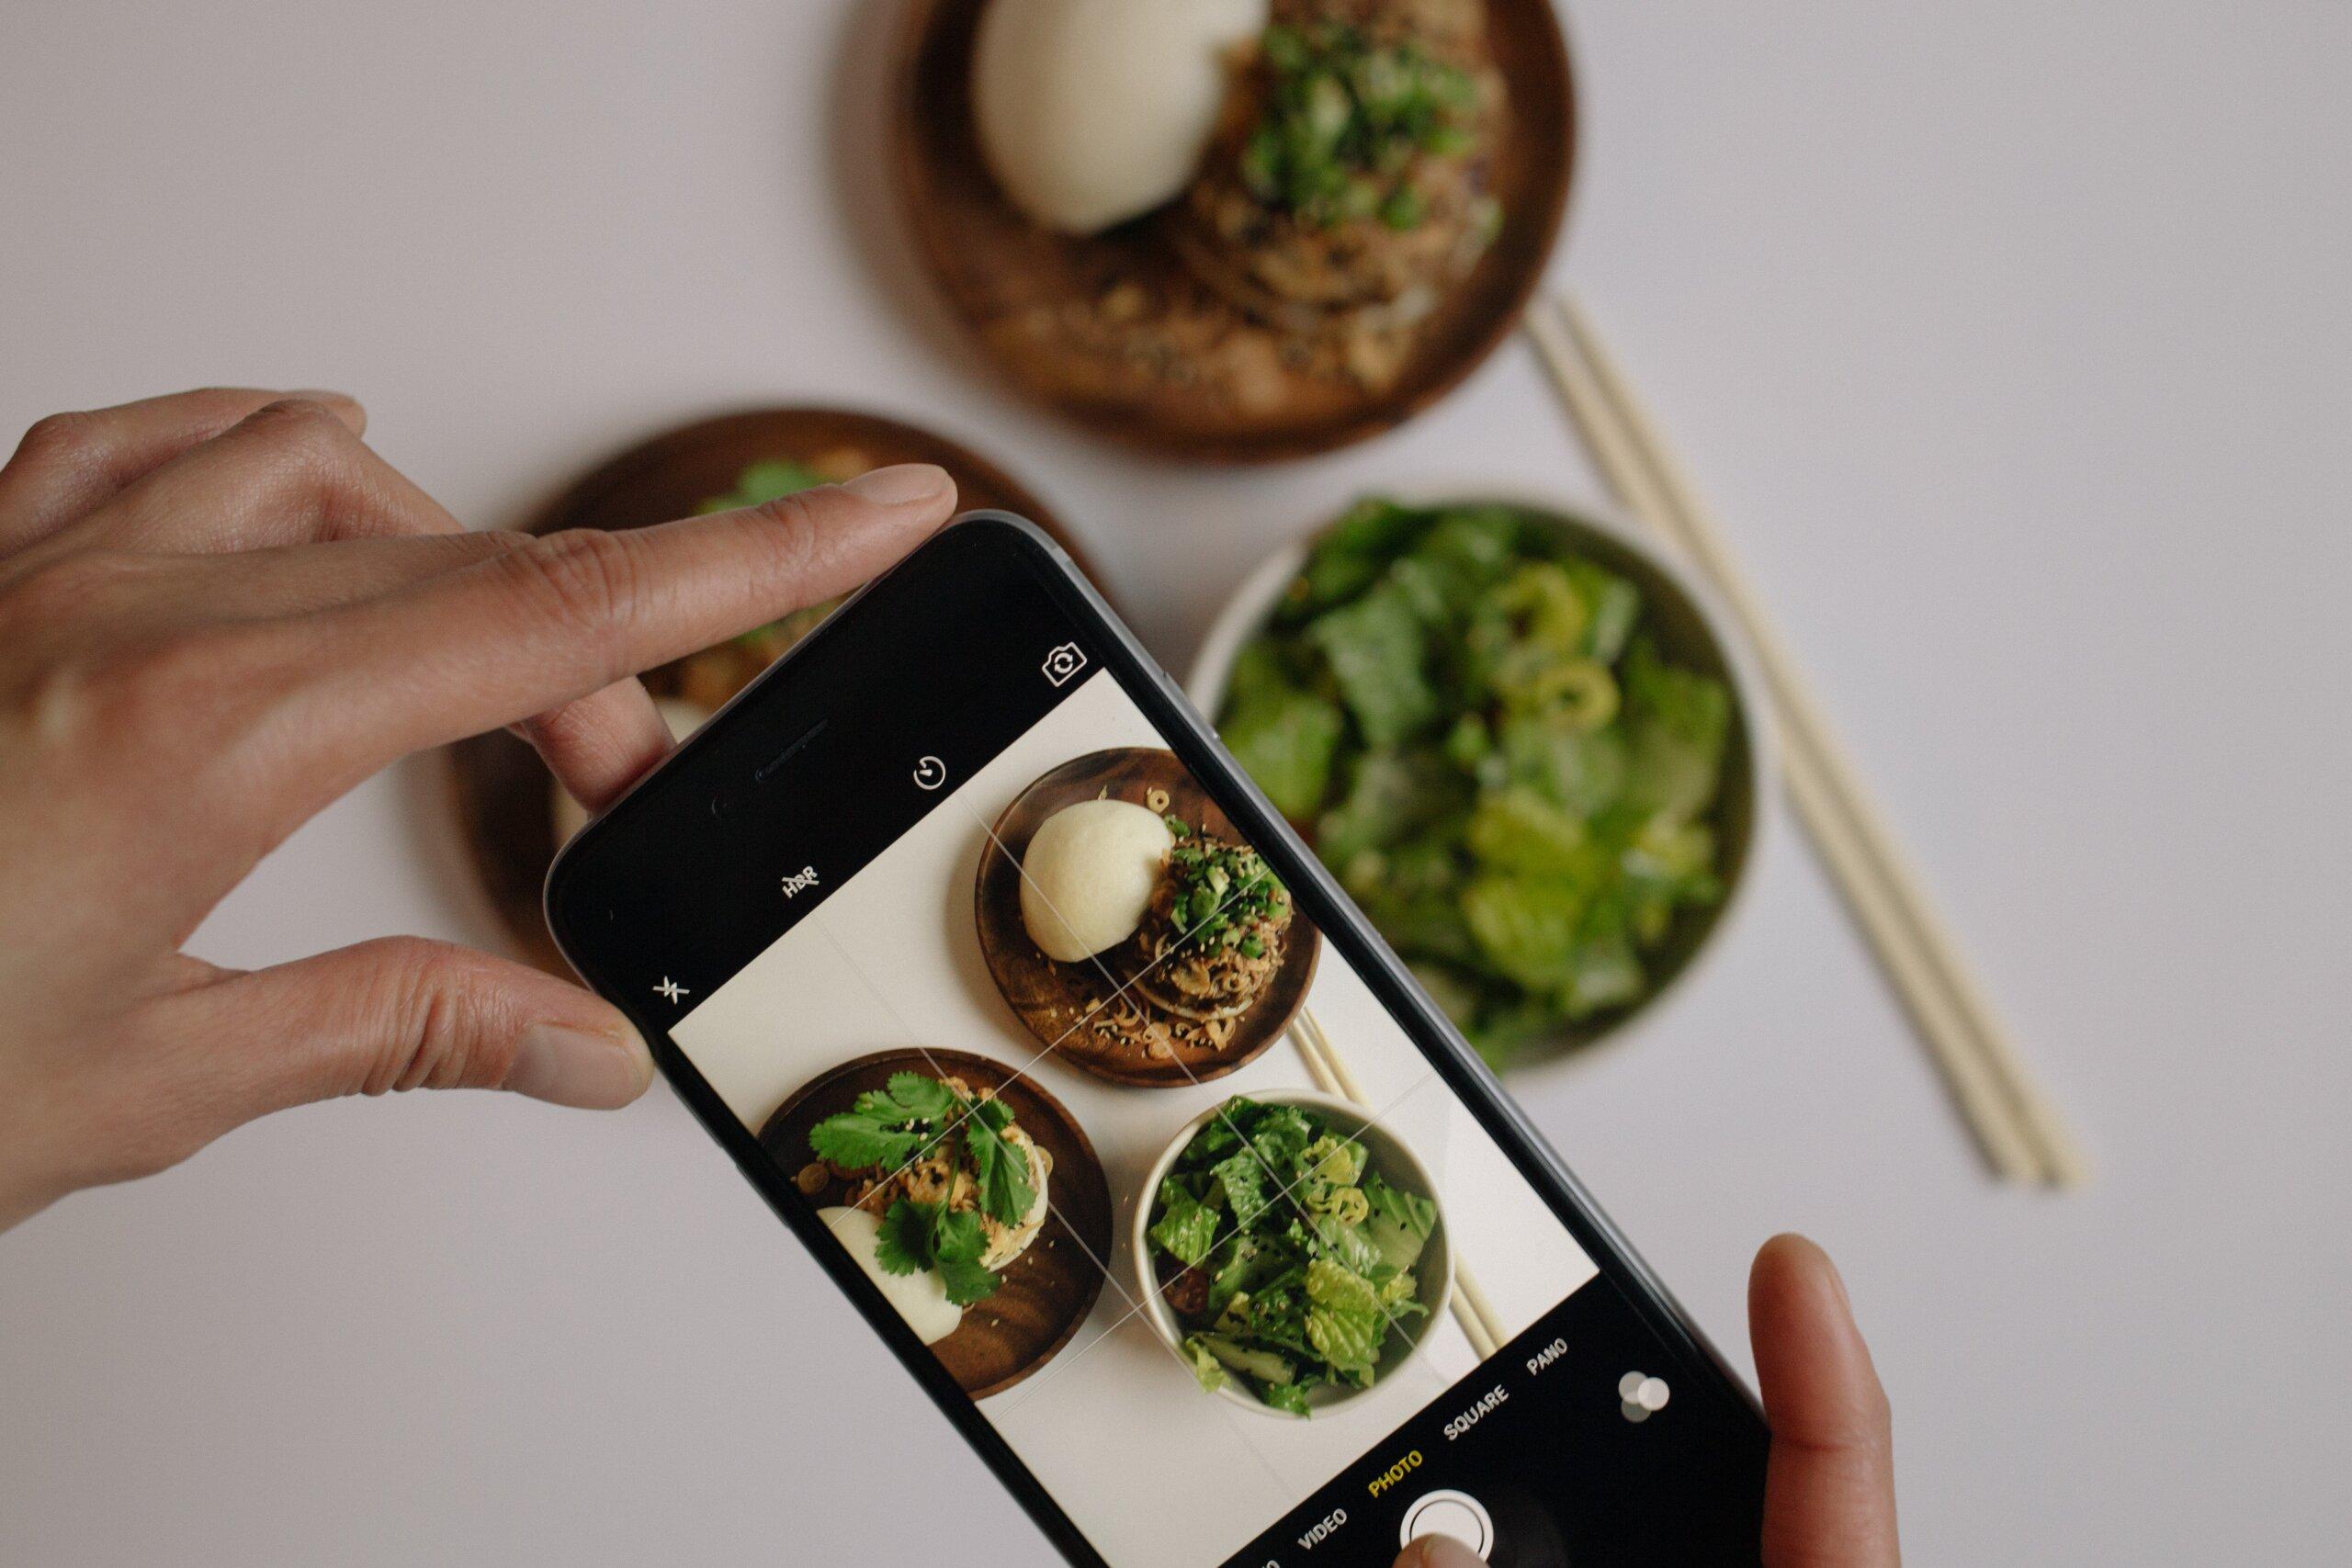 Bạn đã biết cách đăng ký Instagram bằng số điện thoại chưa? 5